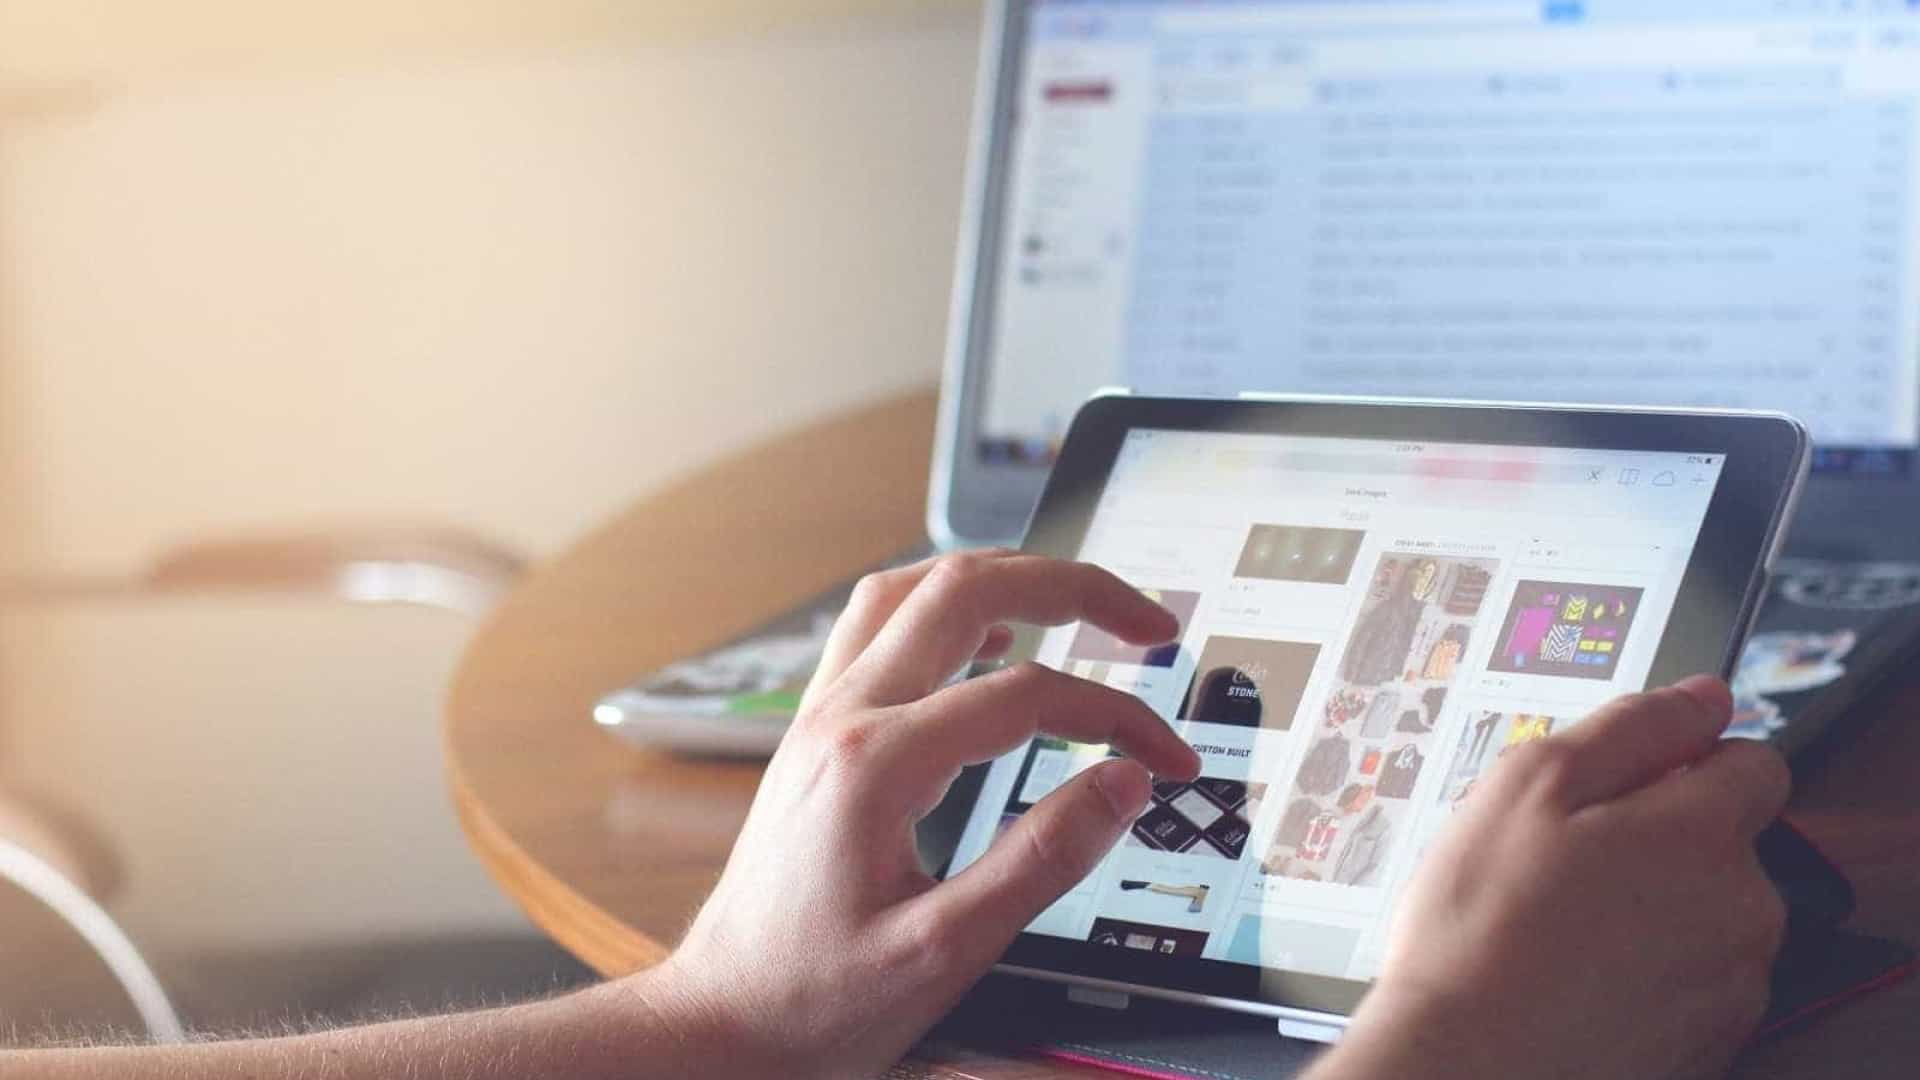 Pesquisas buscam levar controle da indústria 4.0 para celular e tablet